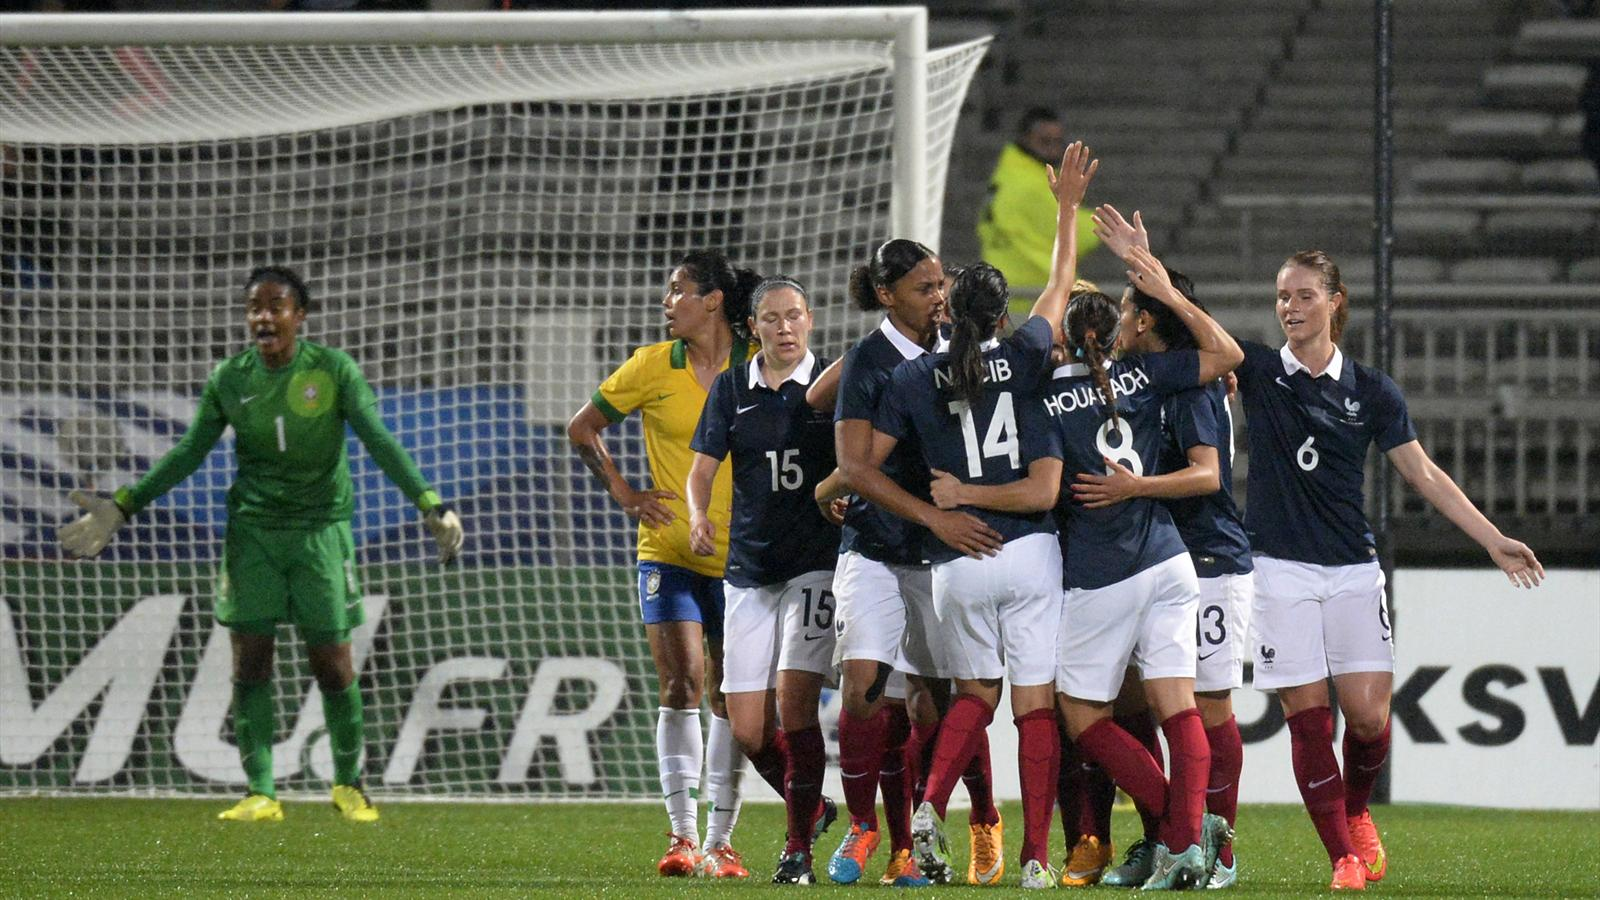 Foot f minin amical premi re victoire de la france sur le br sil 2 0 lyon football - Coupe d europe de basket feminin ...